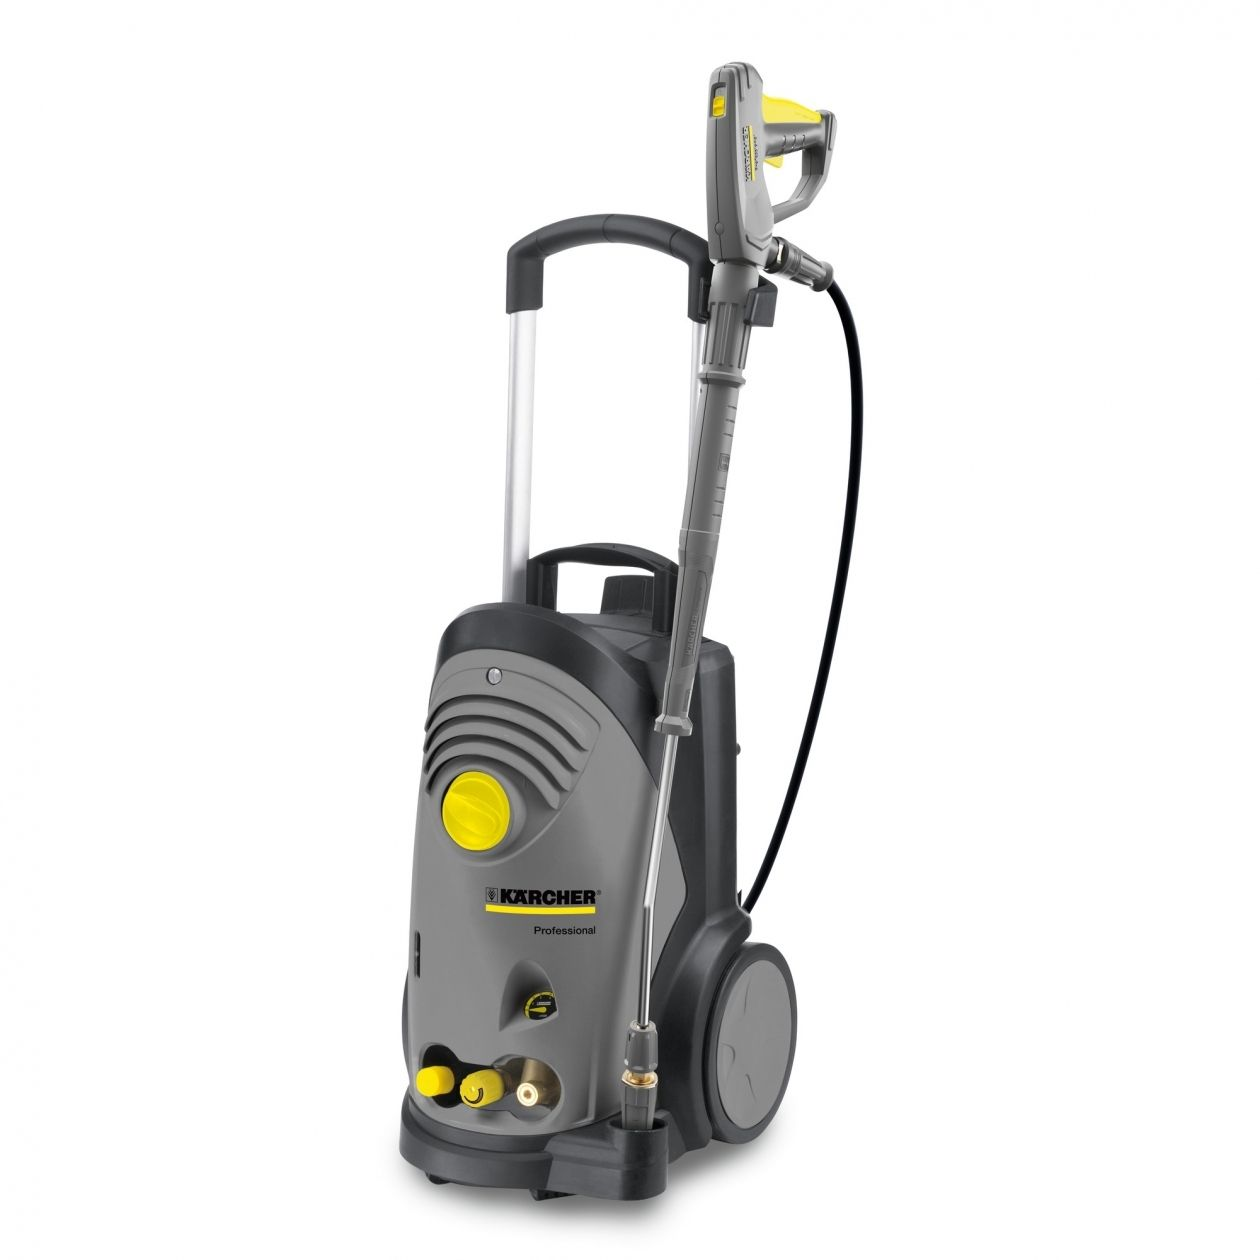 Karcher hd 6 15 c nettoyeur haute pression 150bar 560l h - Nettoyeur haute pression karcher gamme pro ...